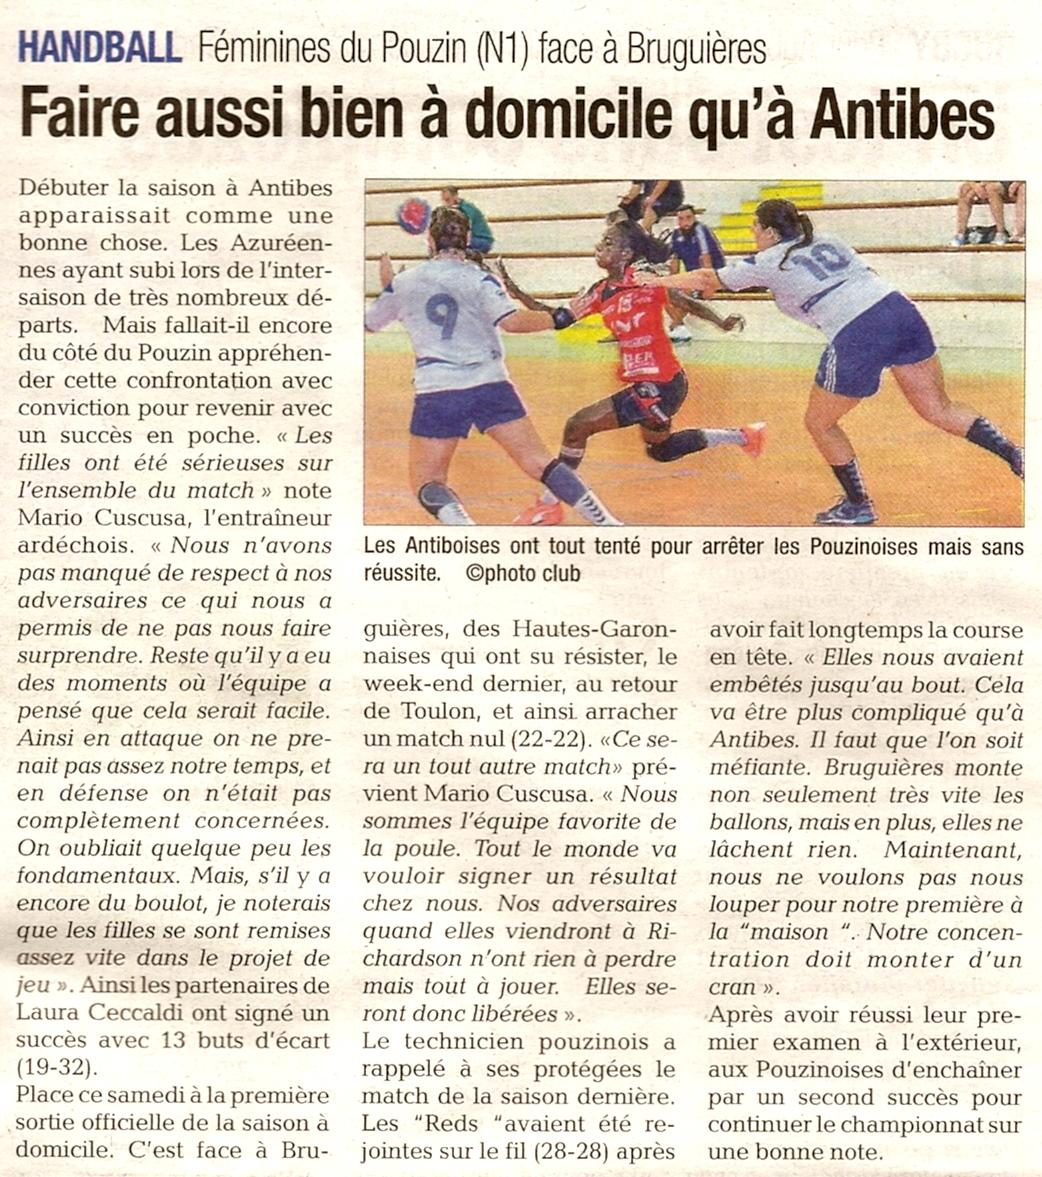 http://www.lepouzinhandball07.com/medias/images/tribune20160915.jpg